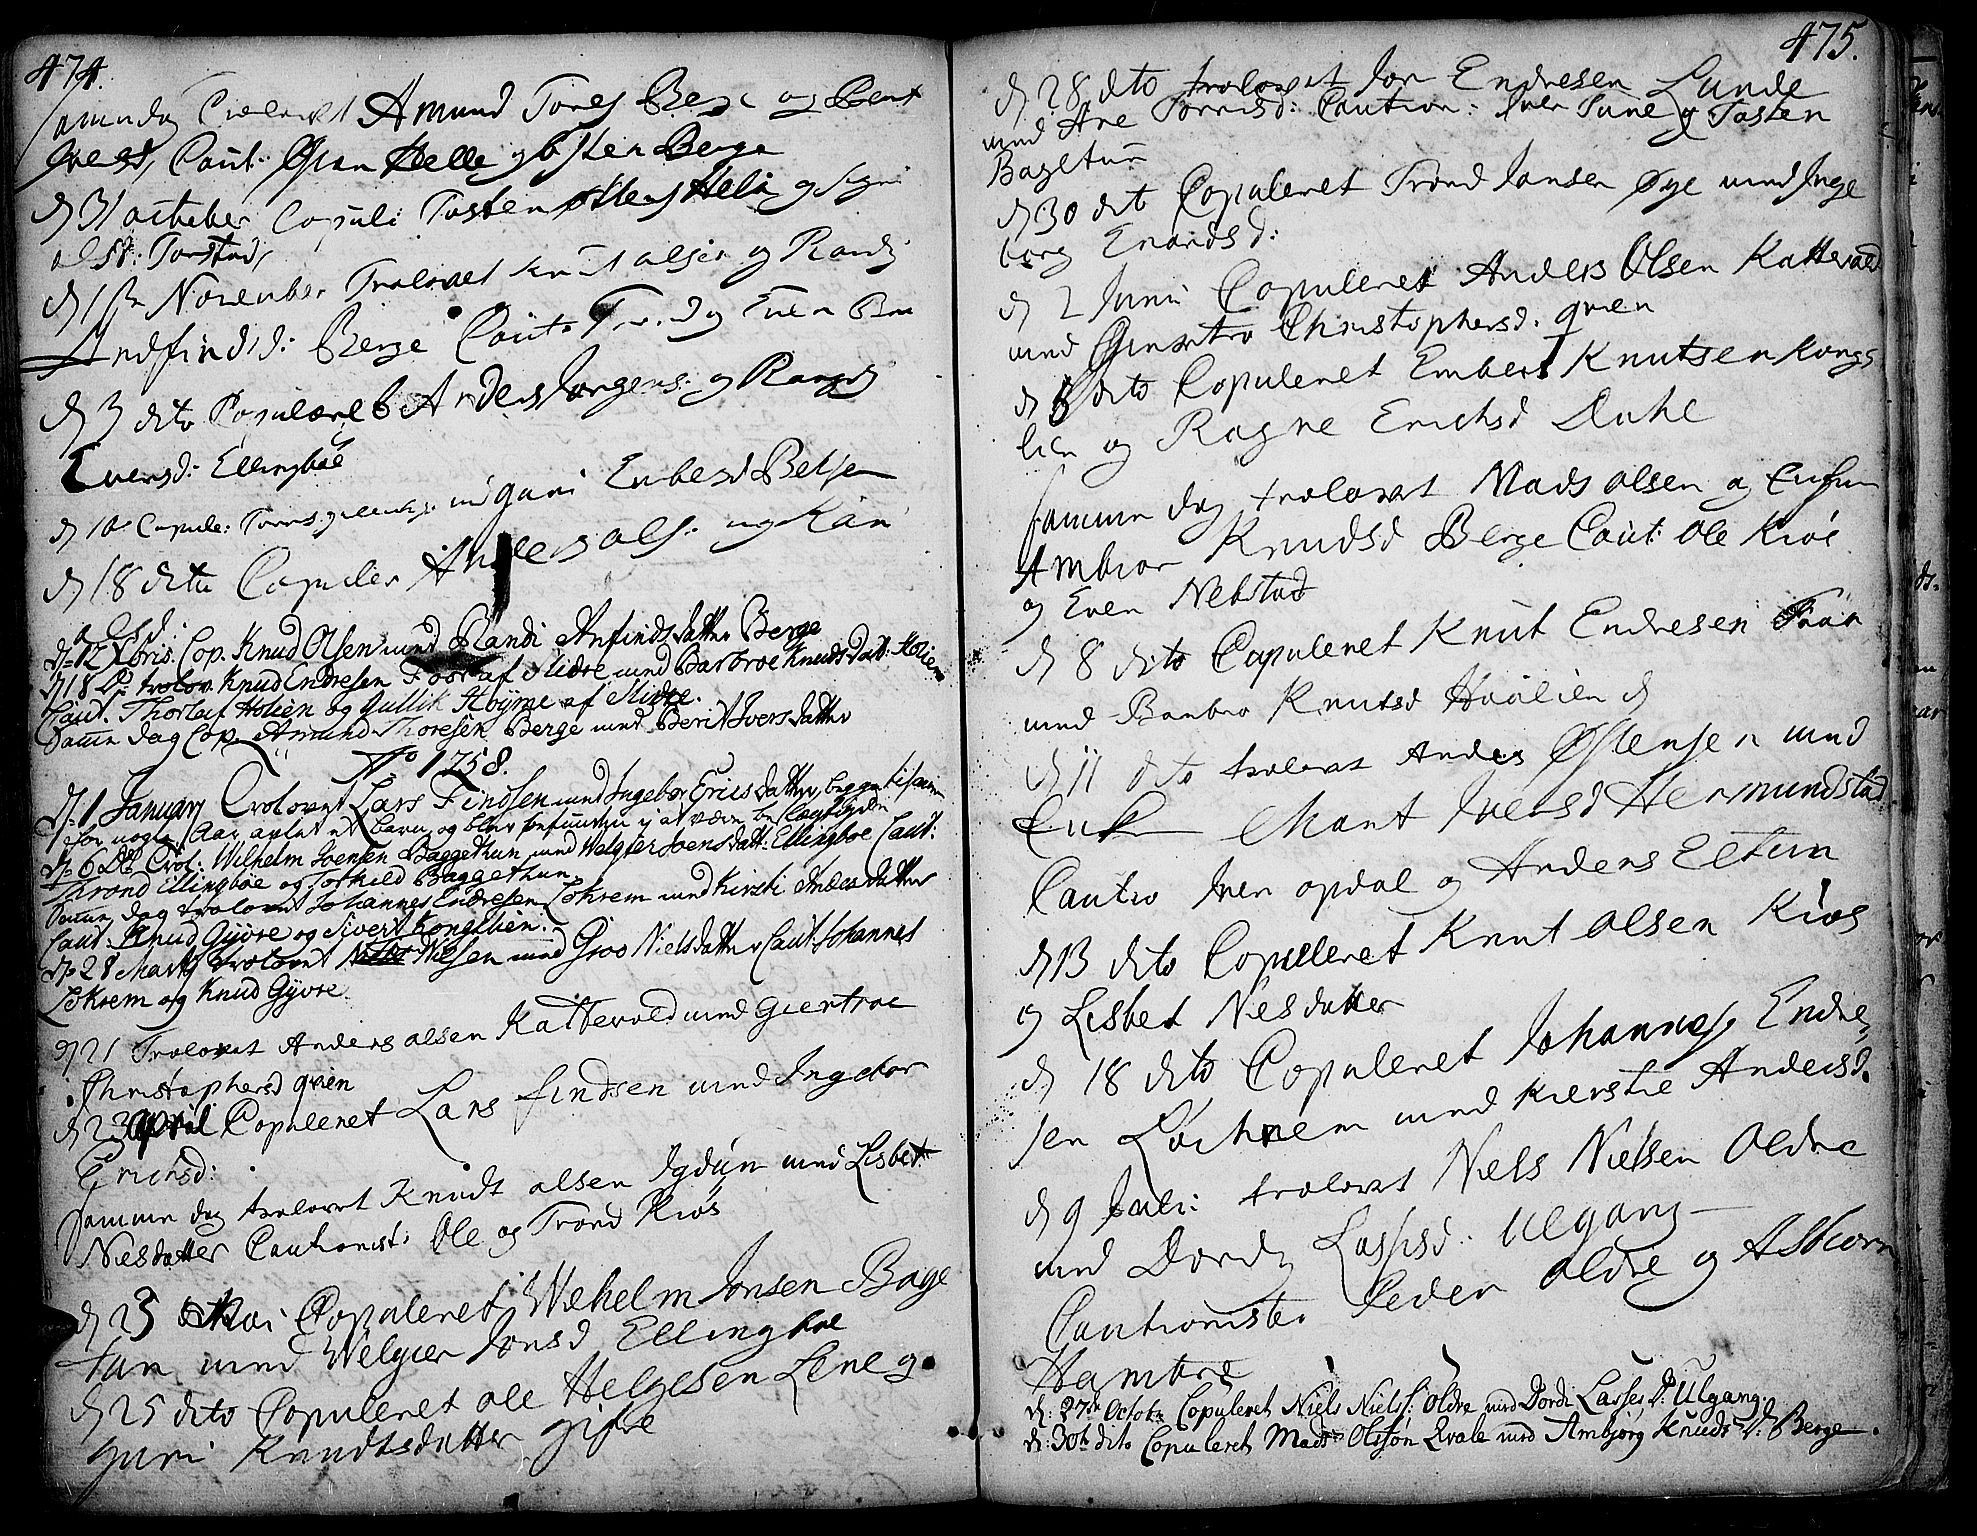 SAH, Vang prestekontor, Valdres, Ministerialbok nr. 1, 1730-1796, s. 474-475